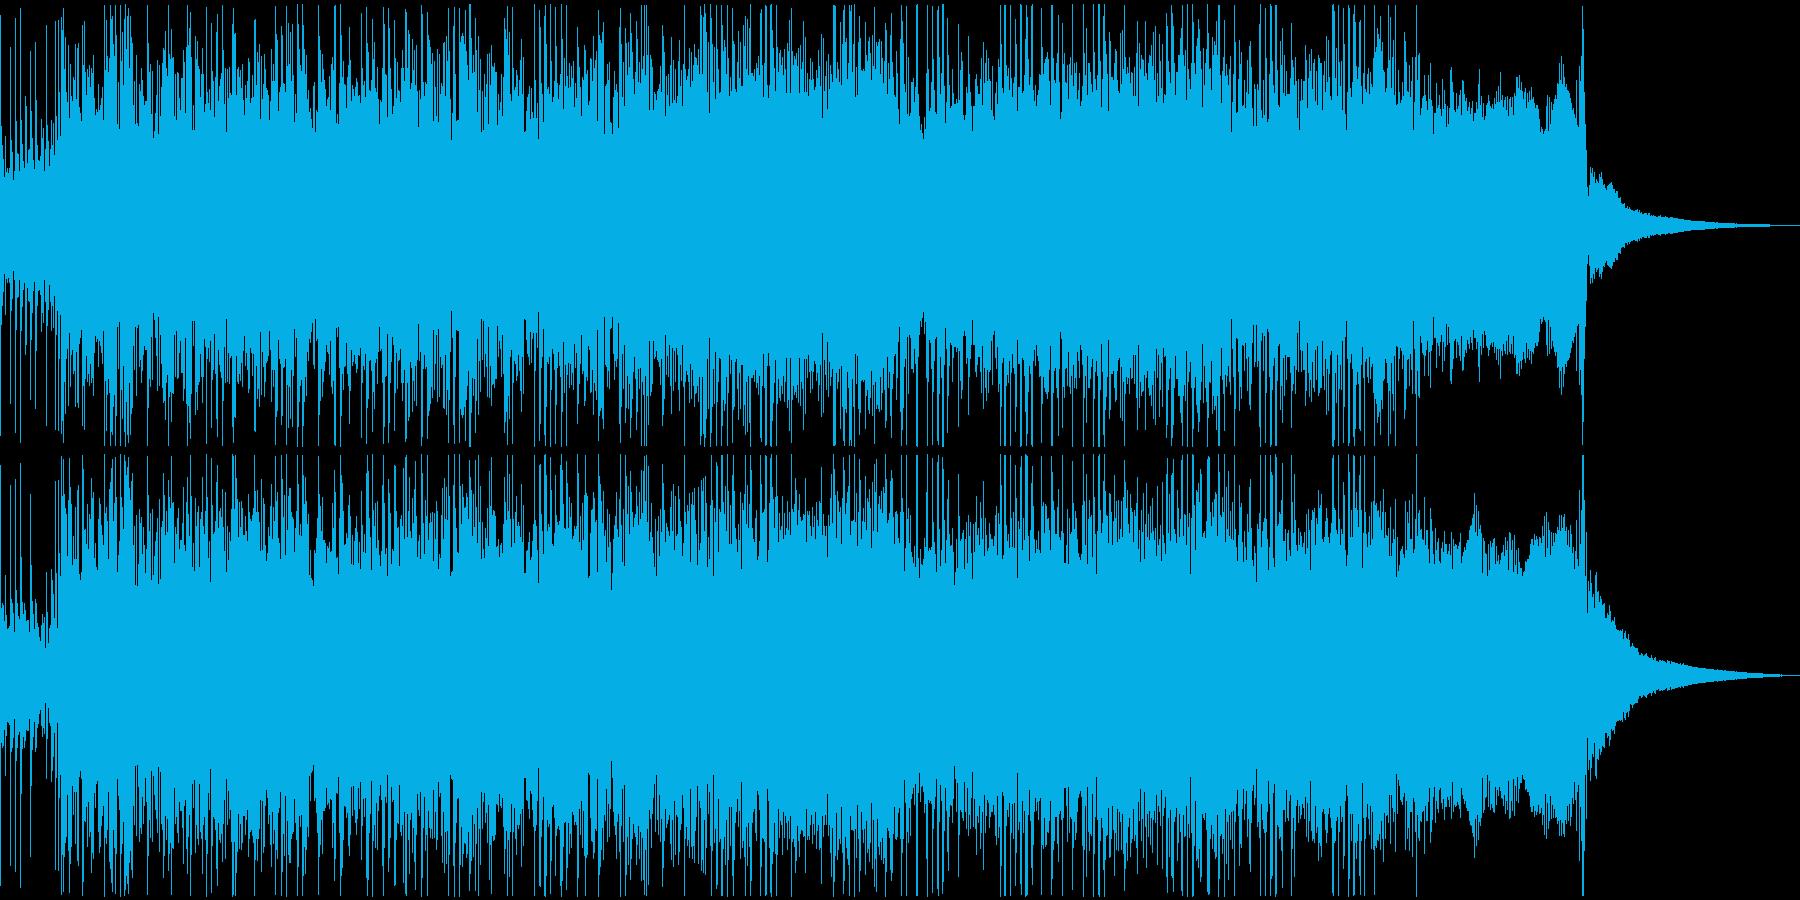 怪しいさと重量感のあるメタルリフジングルの再生済みの波形